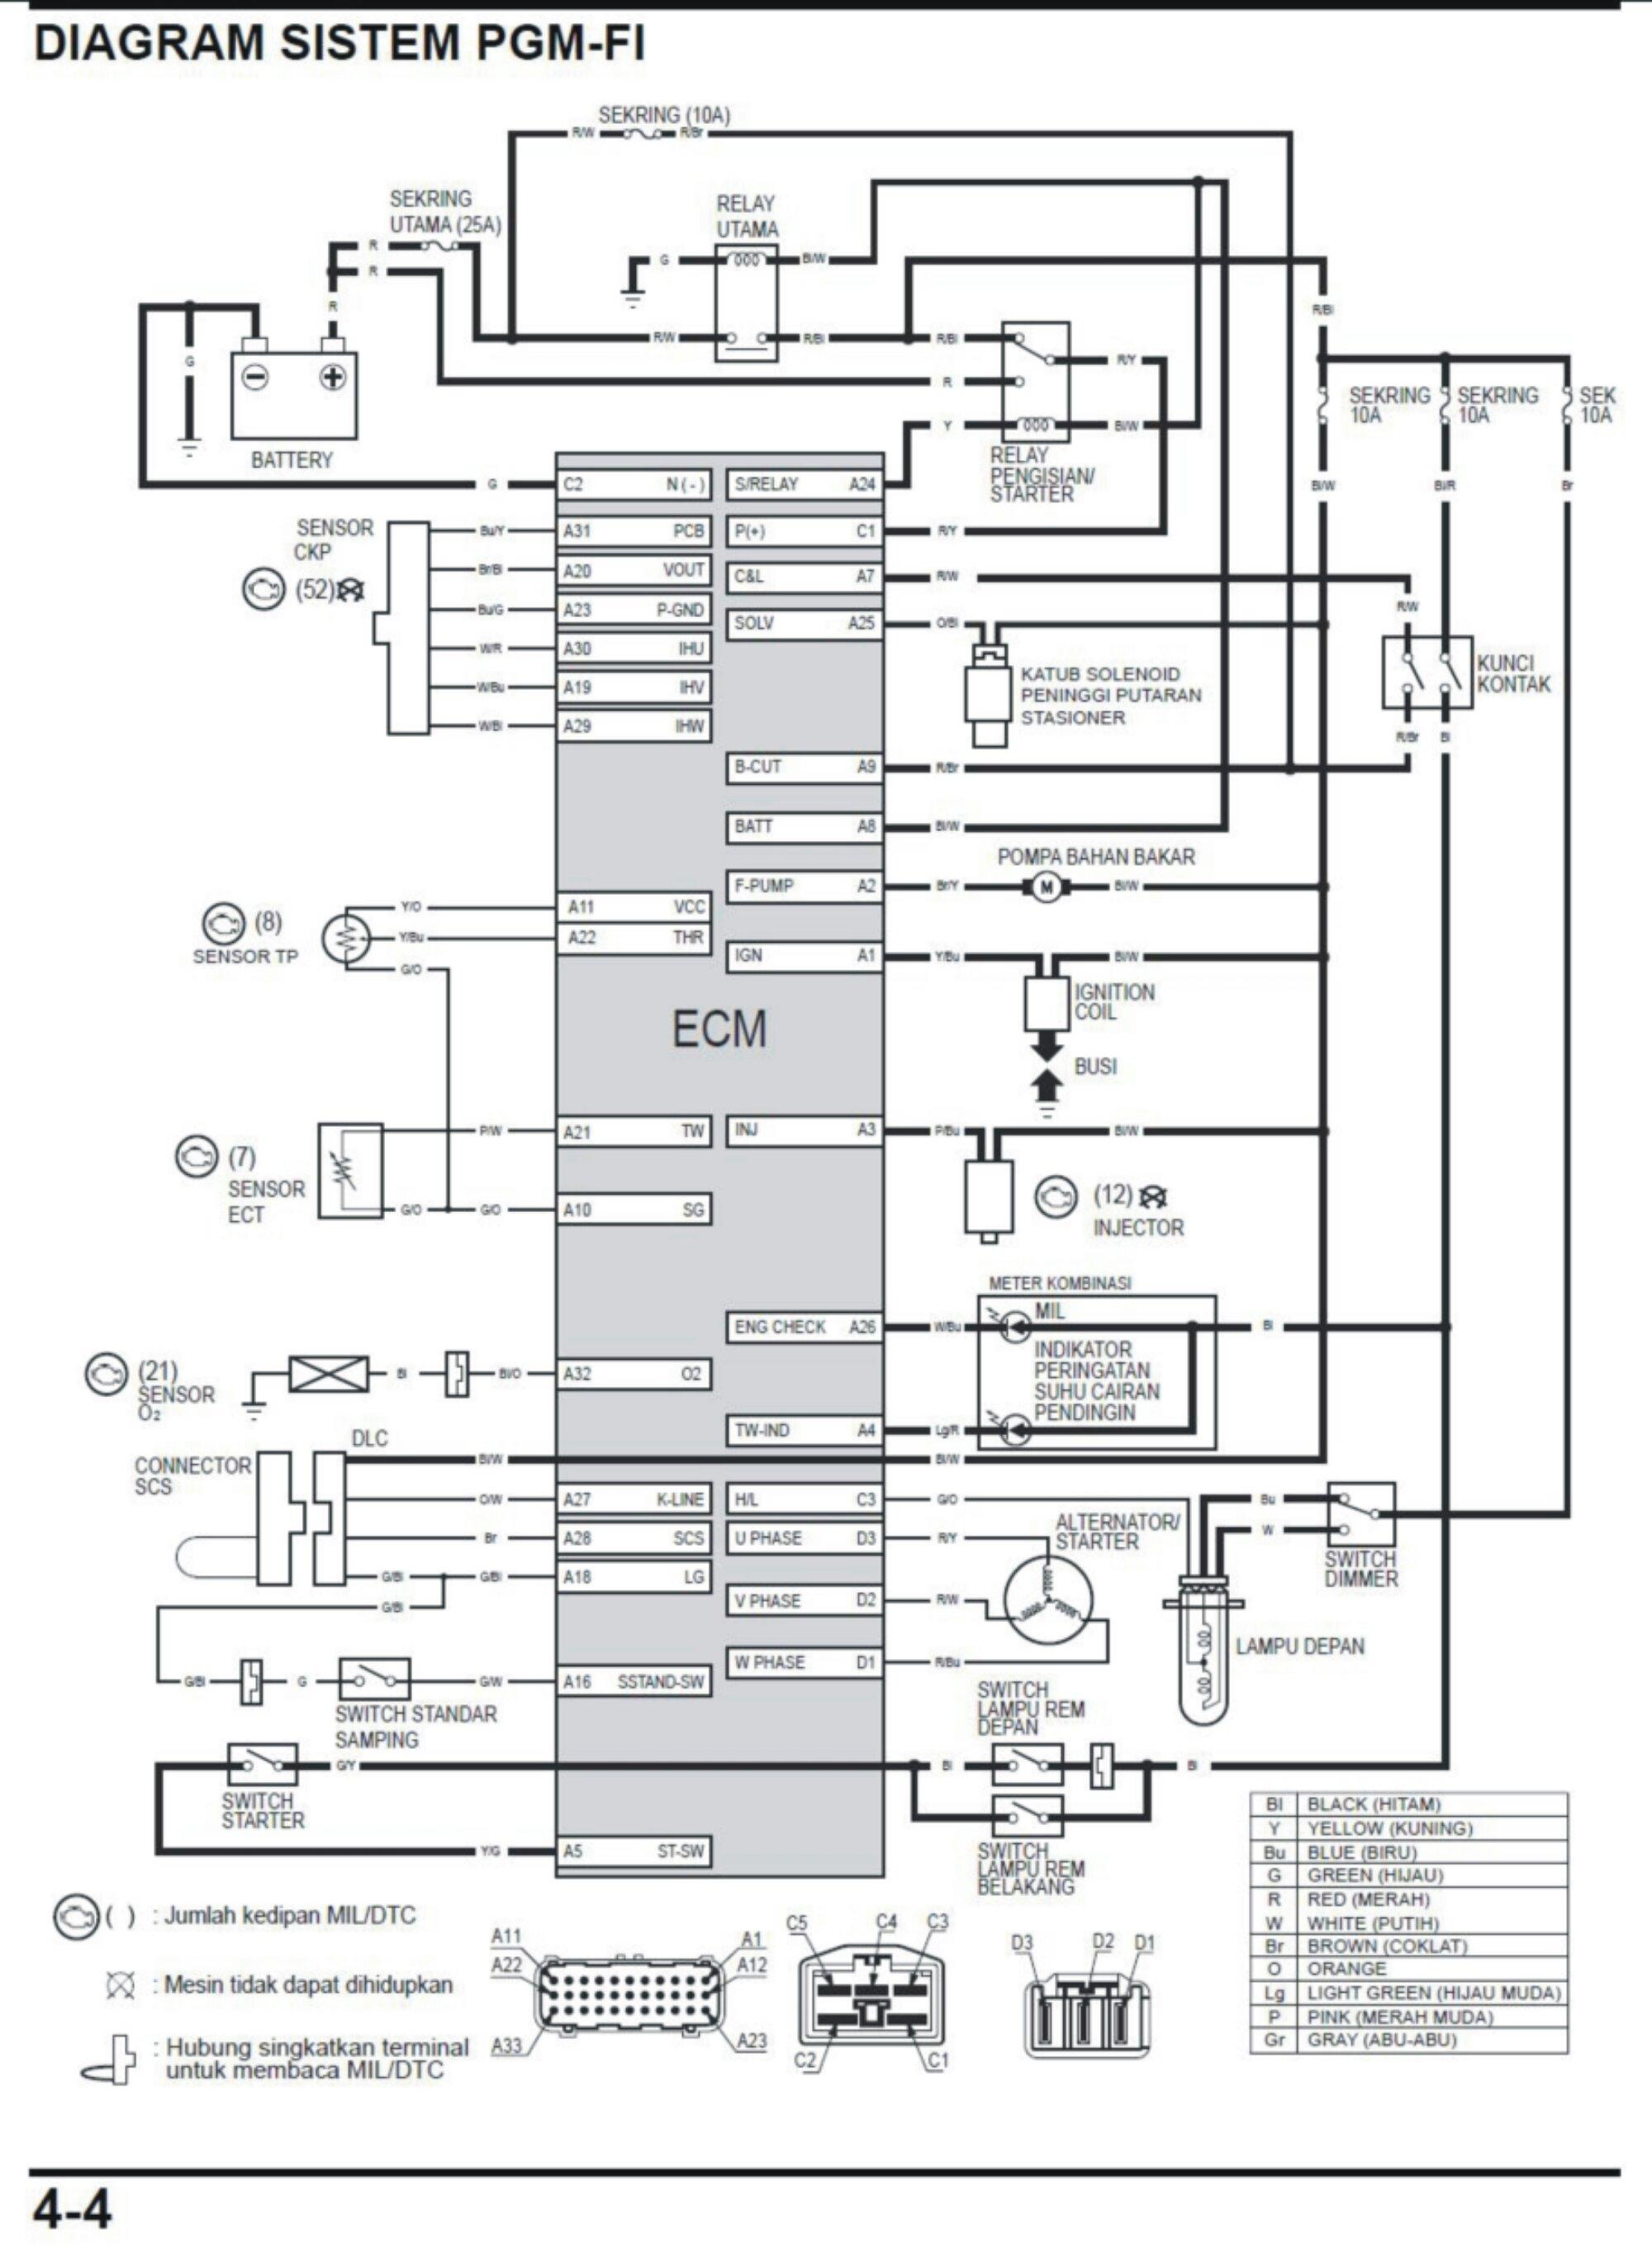 Wiring diagram ecu vixion wiring source wiring diagram vario pgm fi wiring diagram rh cleanprosperity co wiring diagram ecu new vixion 1g dsm ecu pinout swarovskicordoba Choice Image